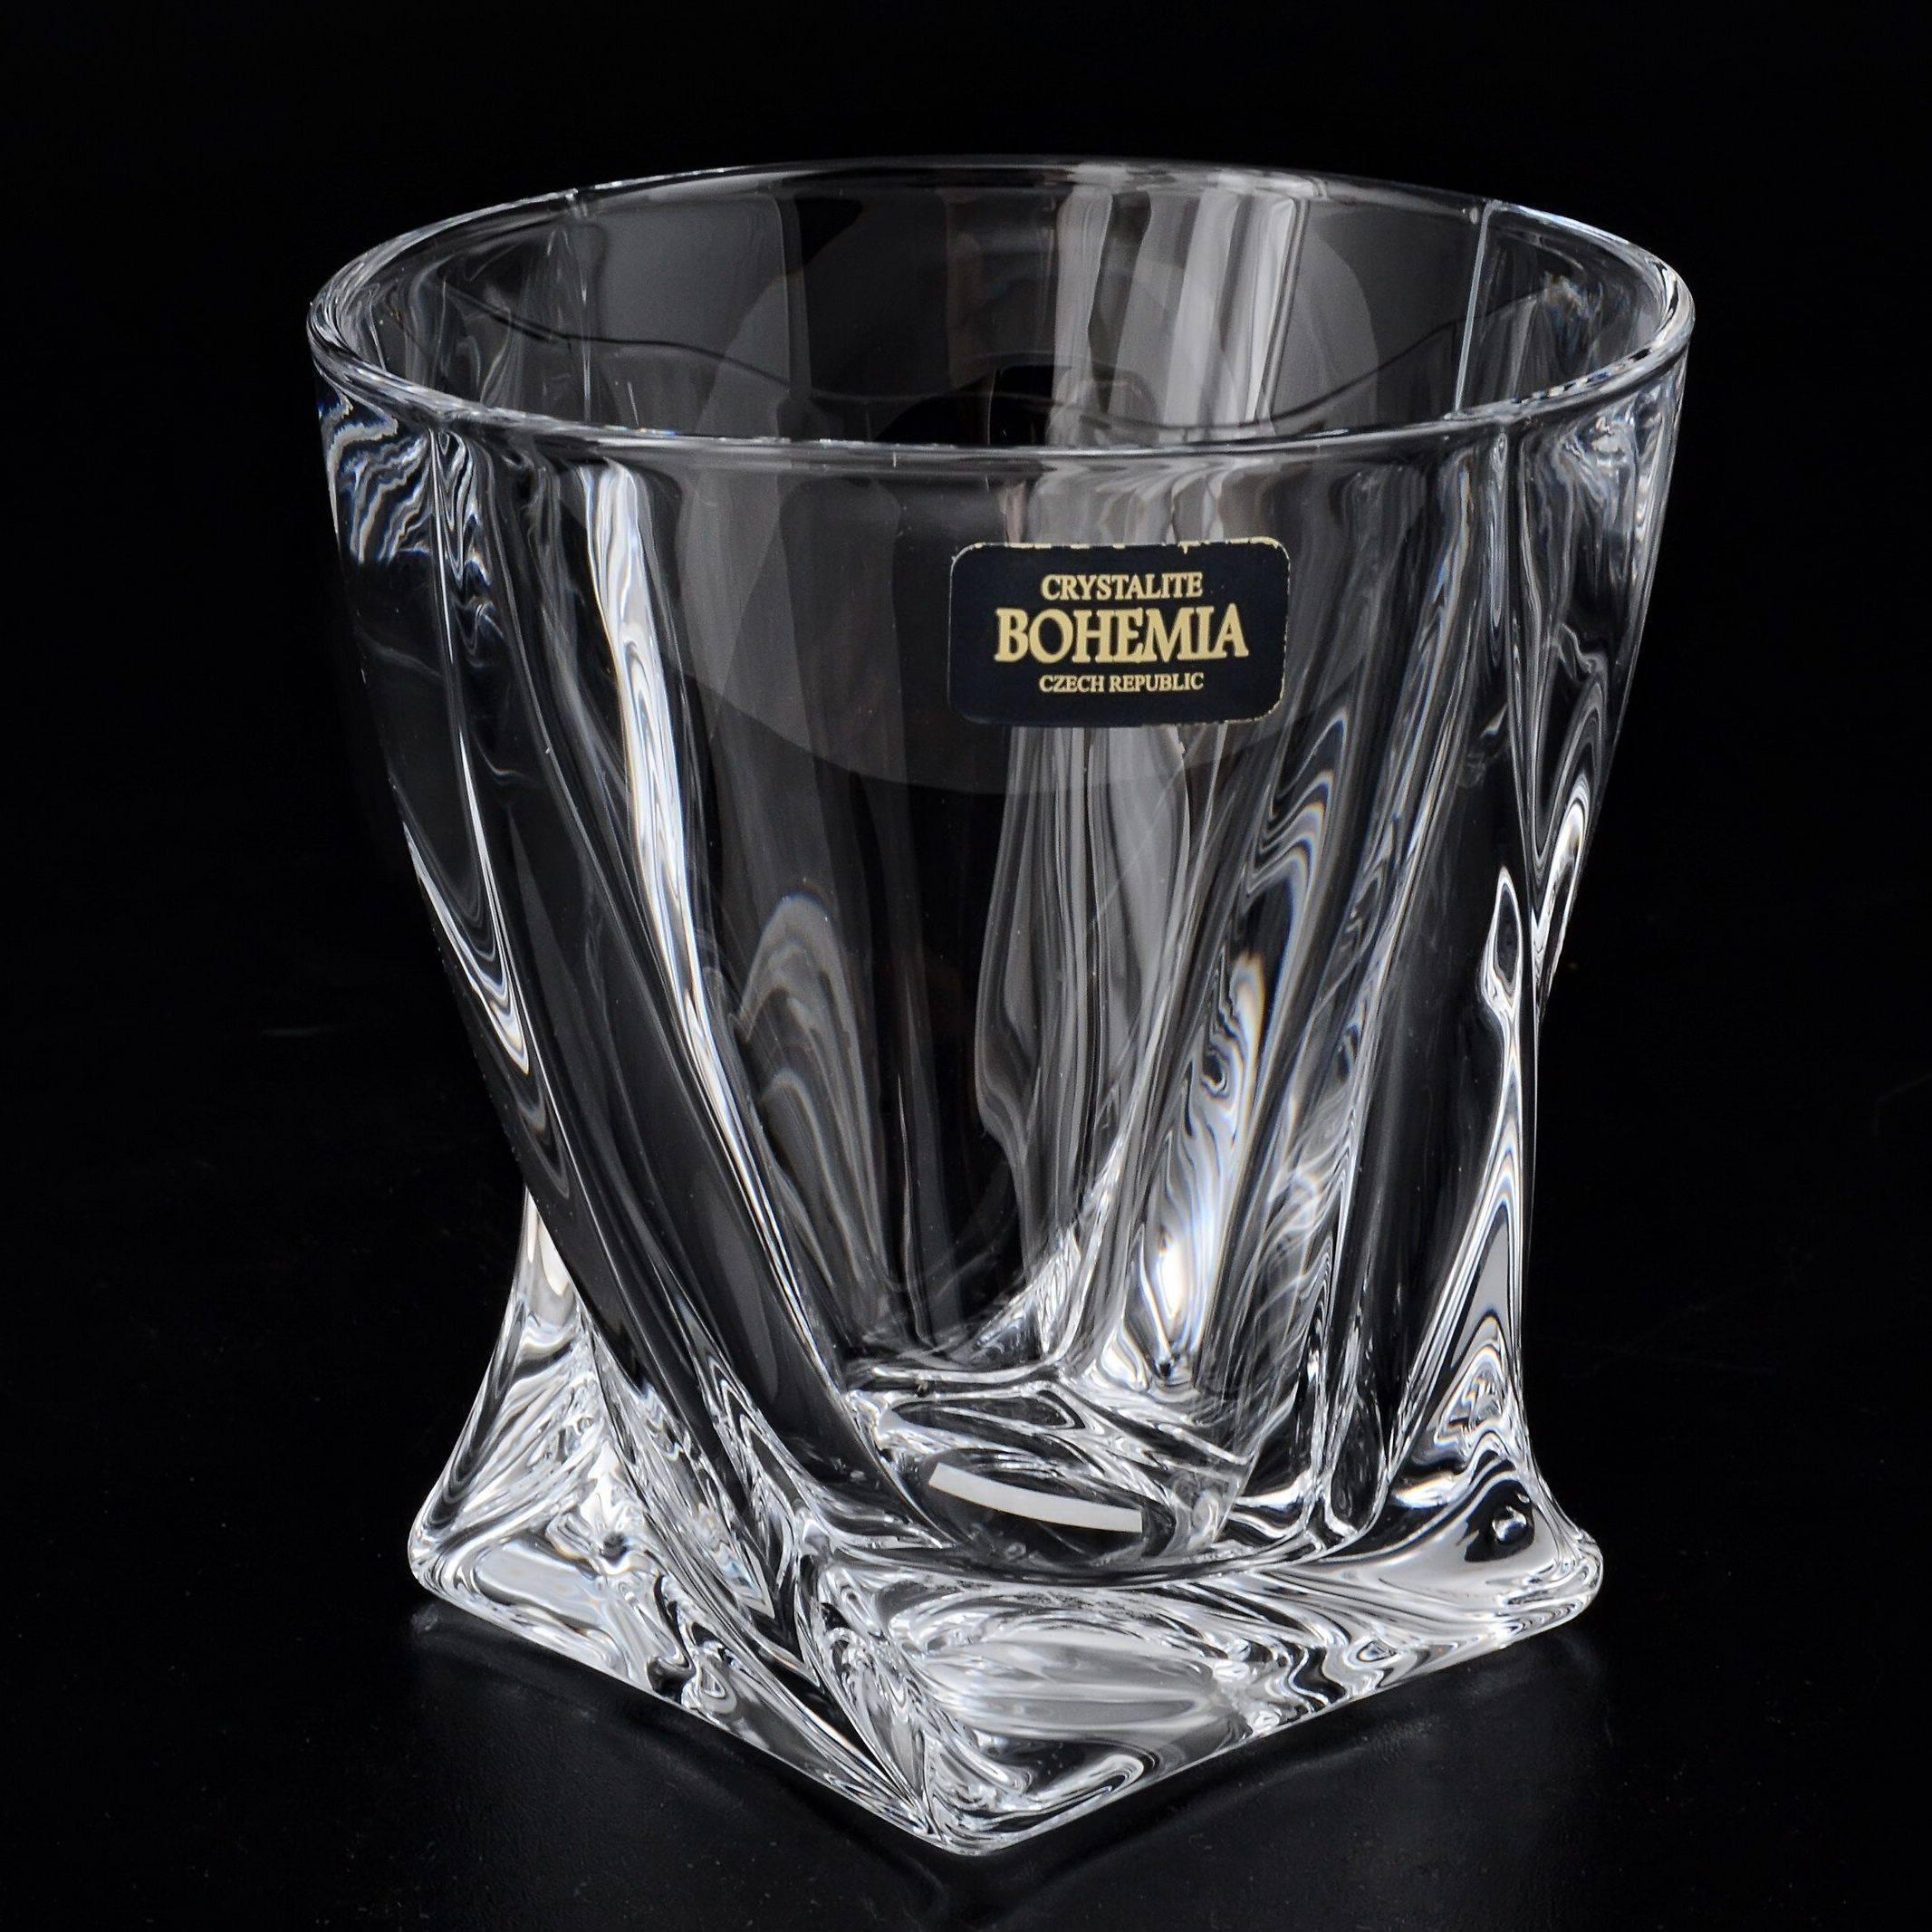 Выбираем элитные бокалы для виски в подарочной упаковке: особенности